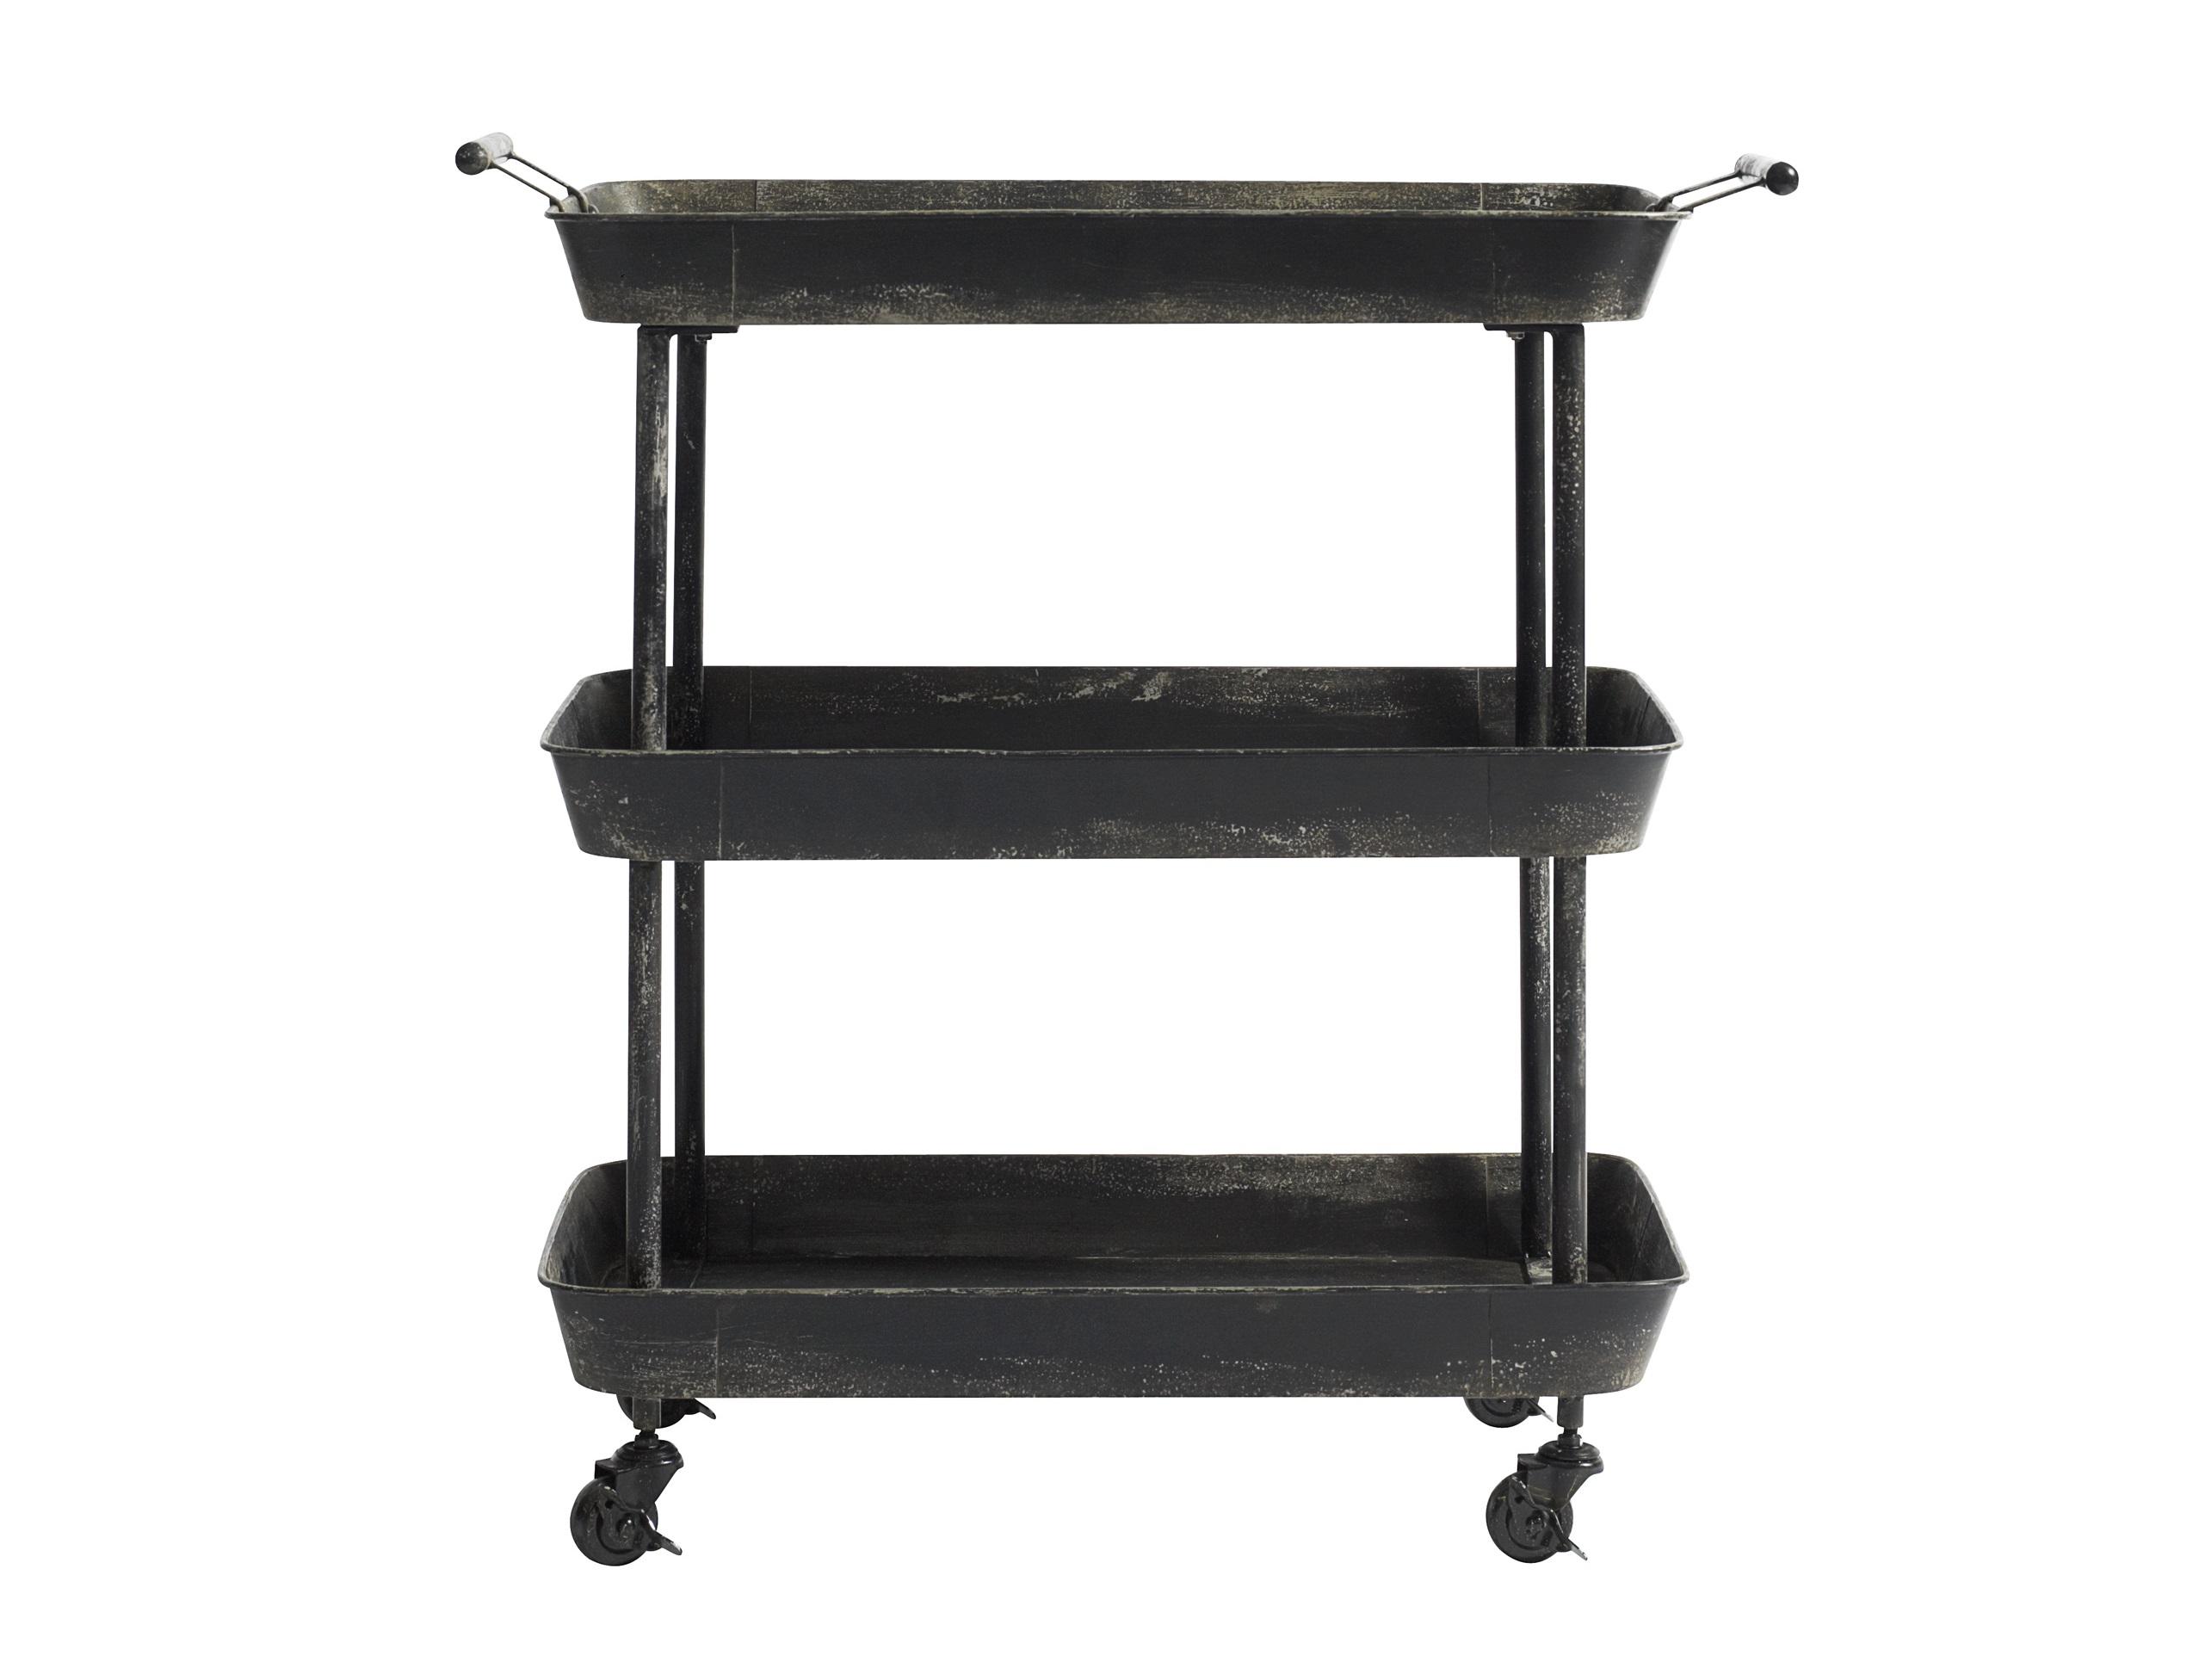 Столик сервировочный TROLLEYСервировочные столики<br><br><br>Material: Металл<br>Width см: 66<br>Depth см: 41<br>Height см: 78